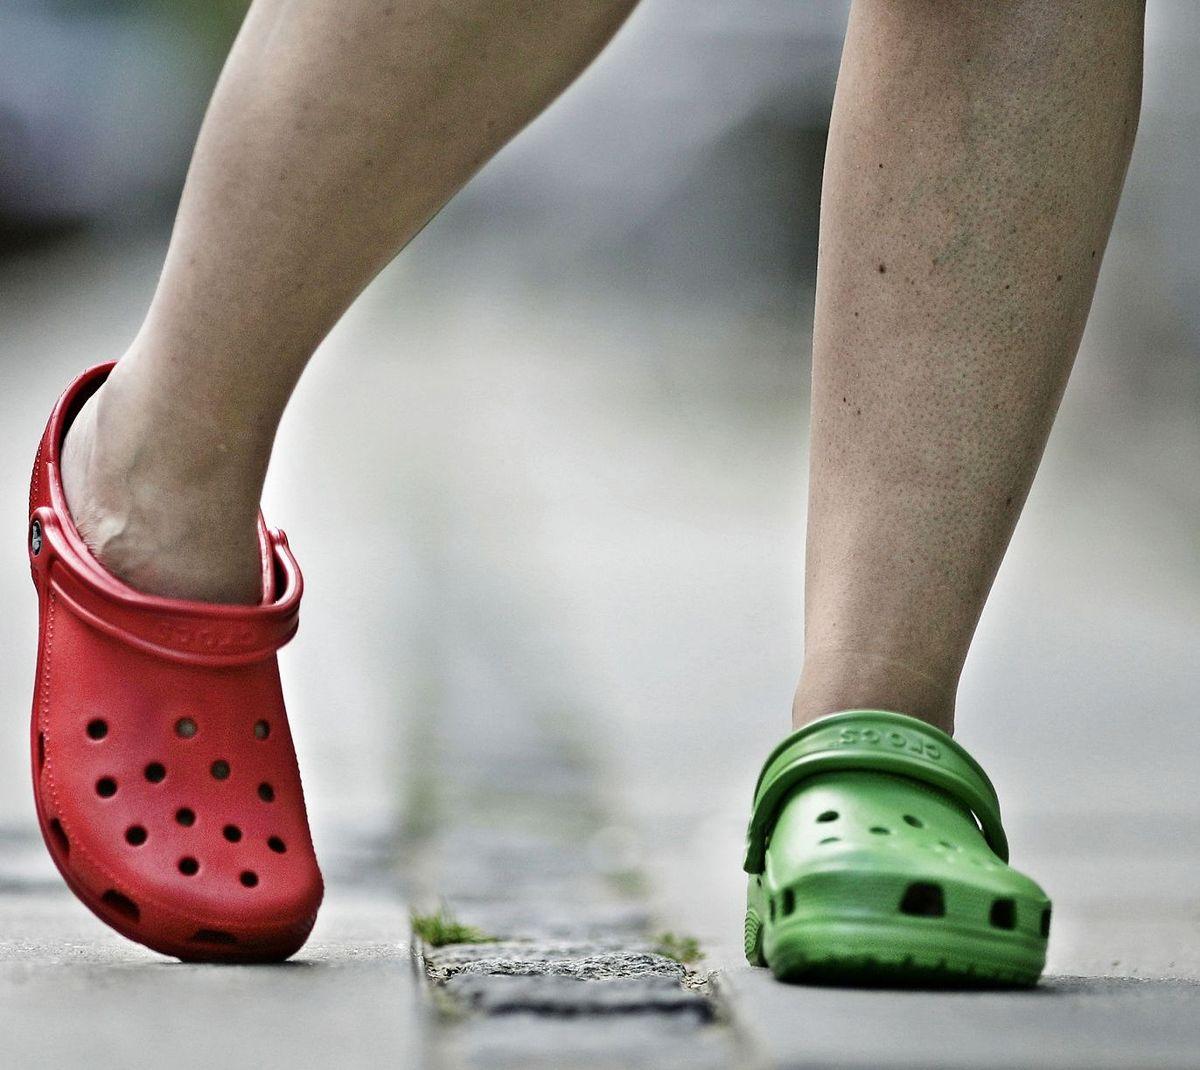 Crocs er normalt kendt for komfort og funktionalitet snarere end design og æstetik.